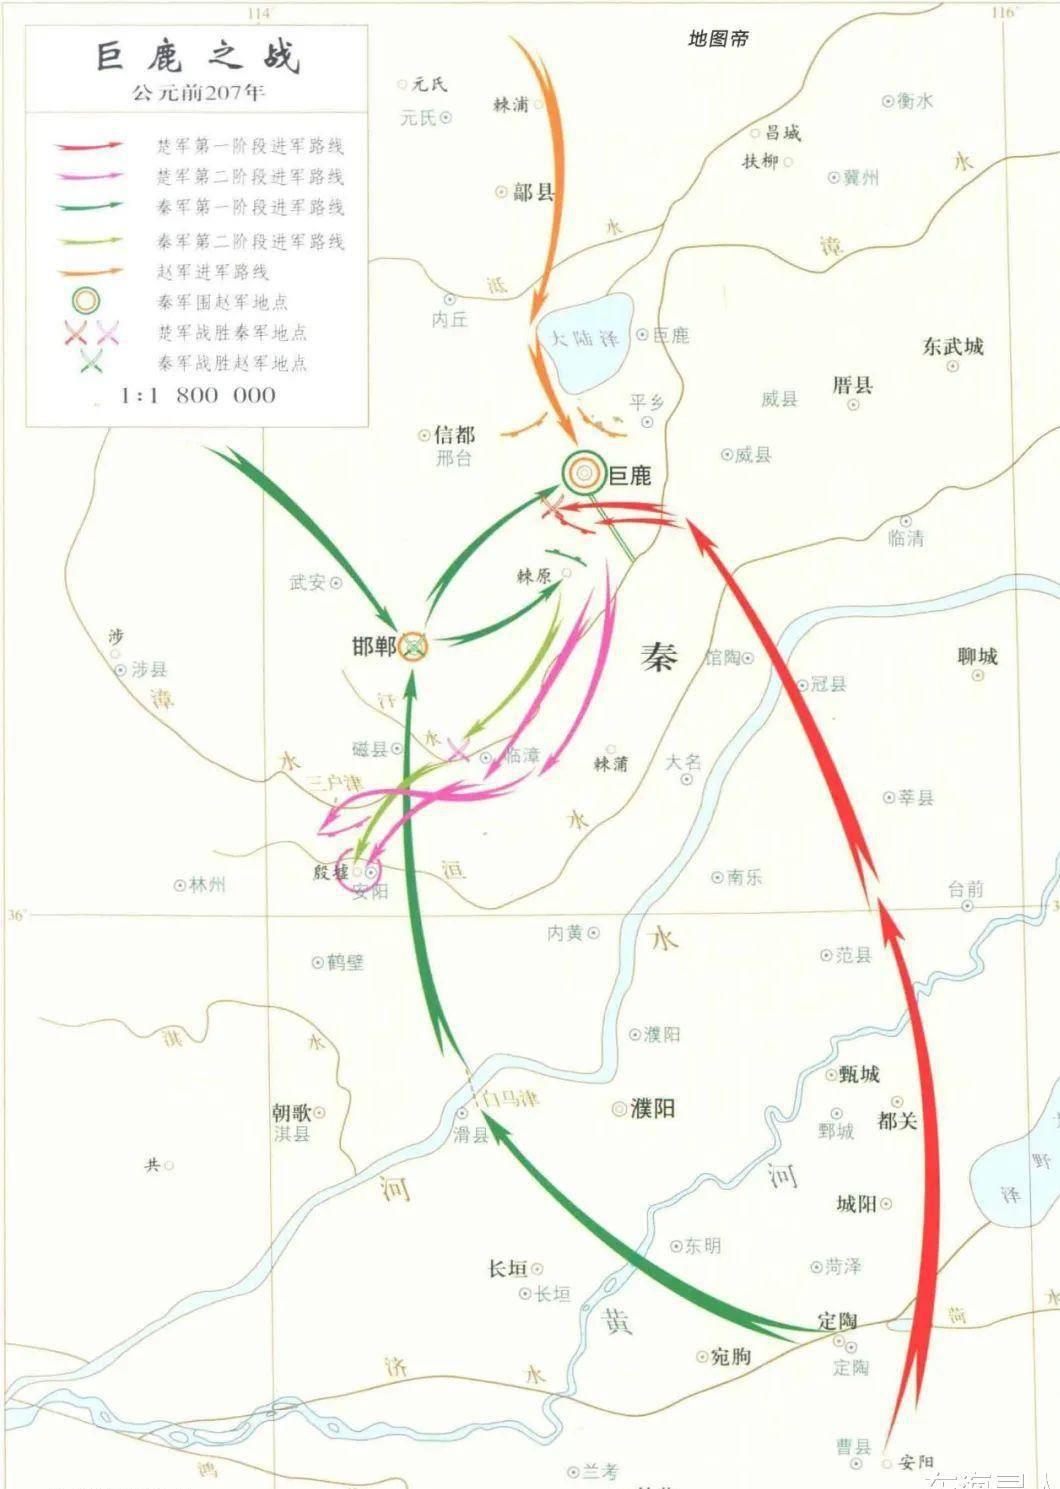 巨鹿之战项羽能够以少胜多 项羽是怎么做到的 彭城之战项羽